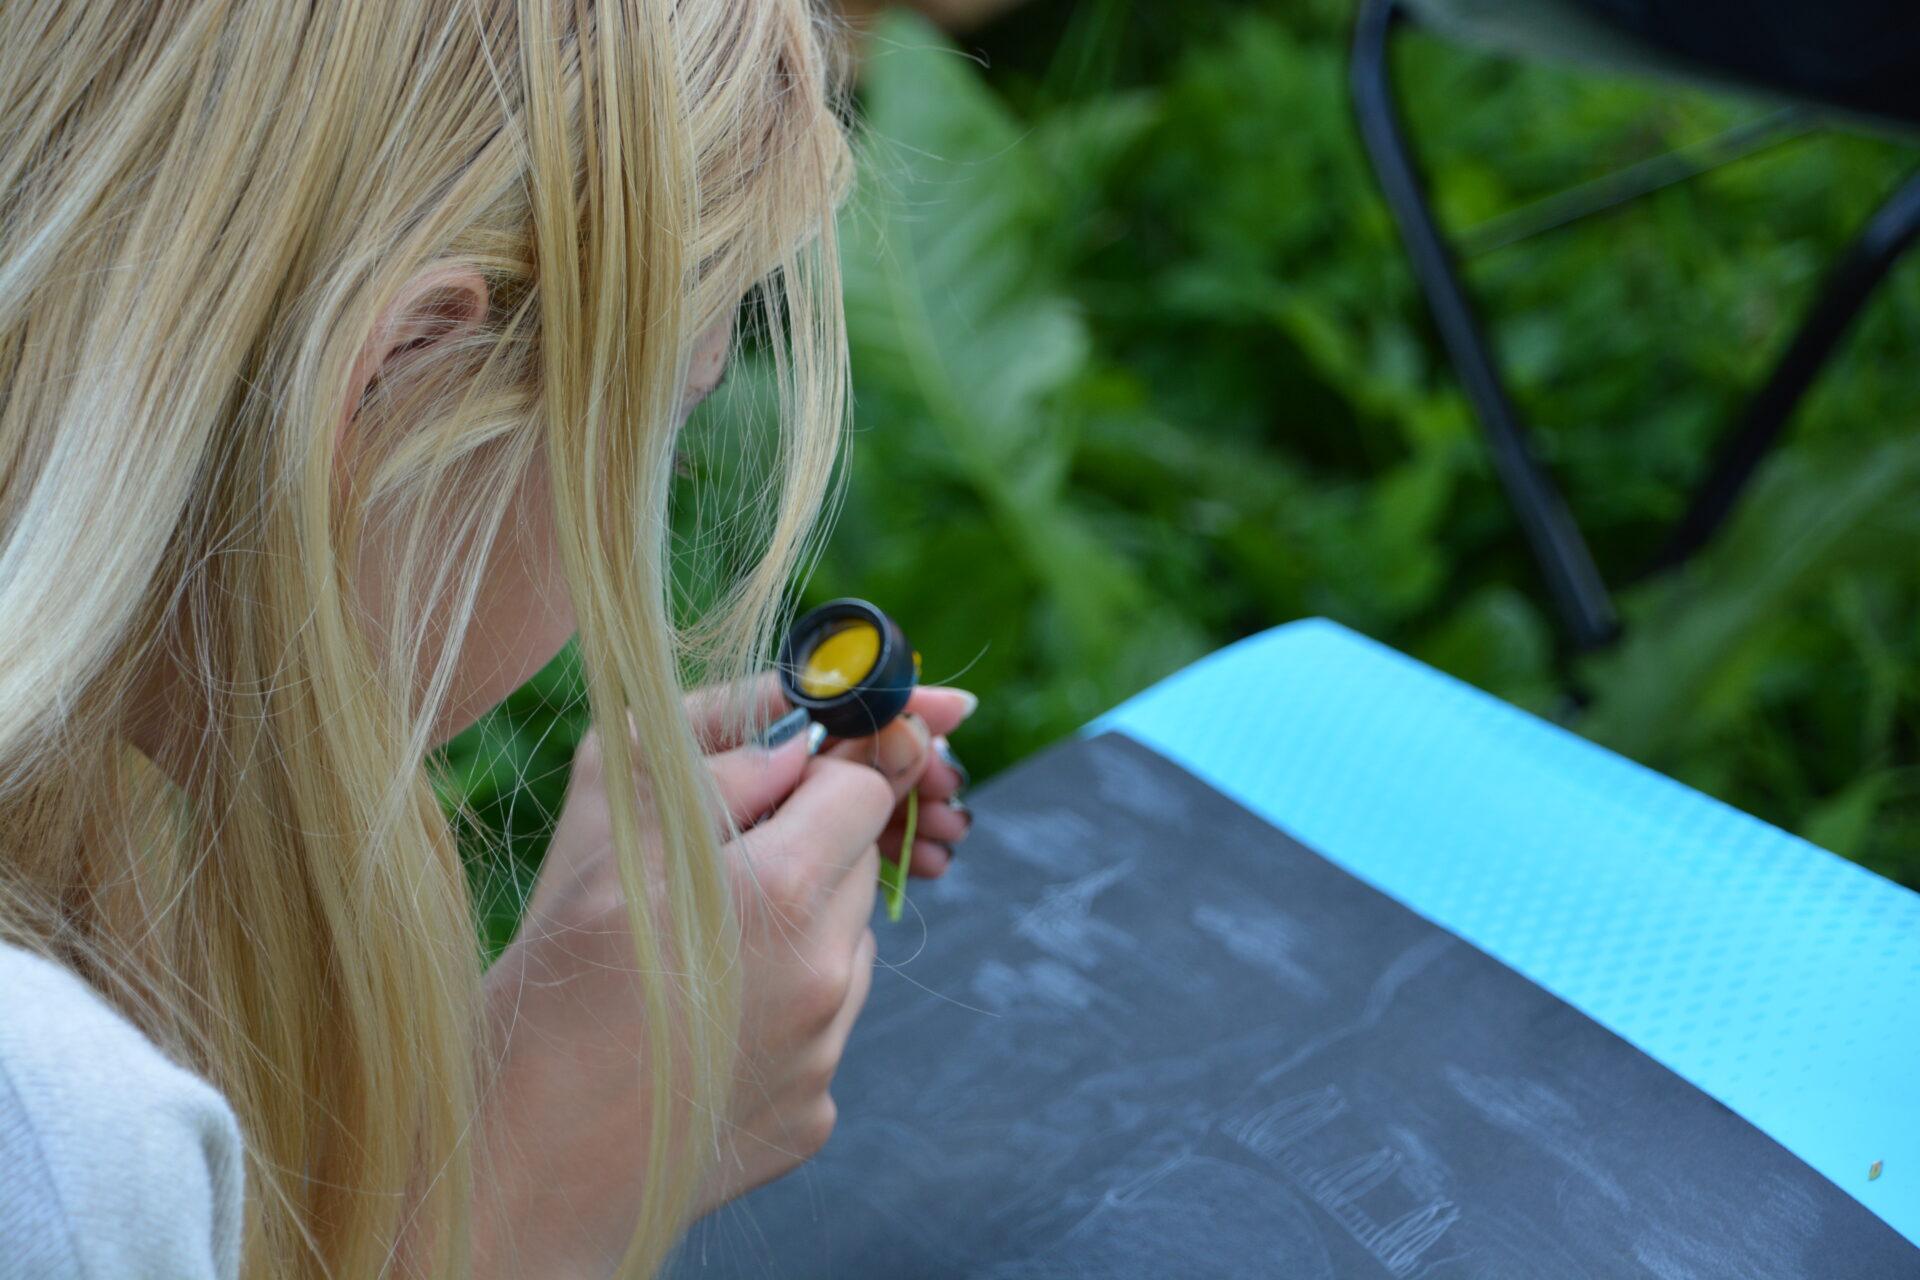 """Ar pļavas augu izglītības aktivitātēm tiek turpināta zemes mākslas projekts """"Maģistrāle PĻAVA"""" attīstība."""